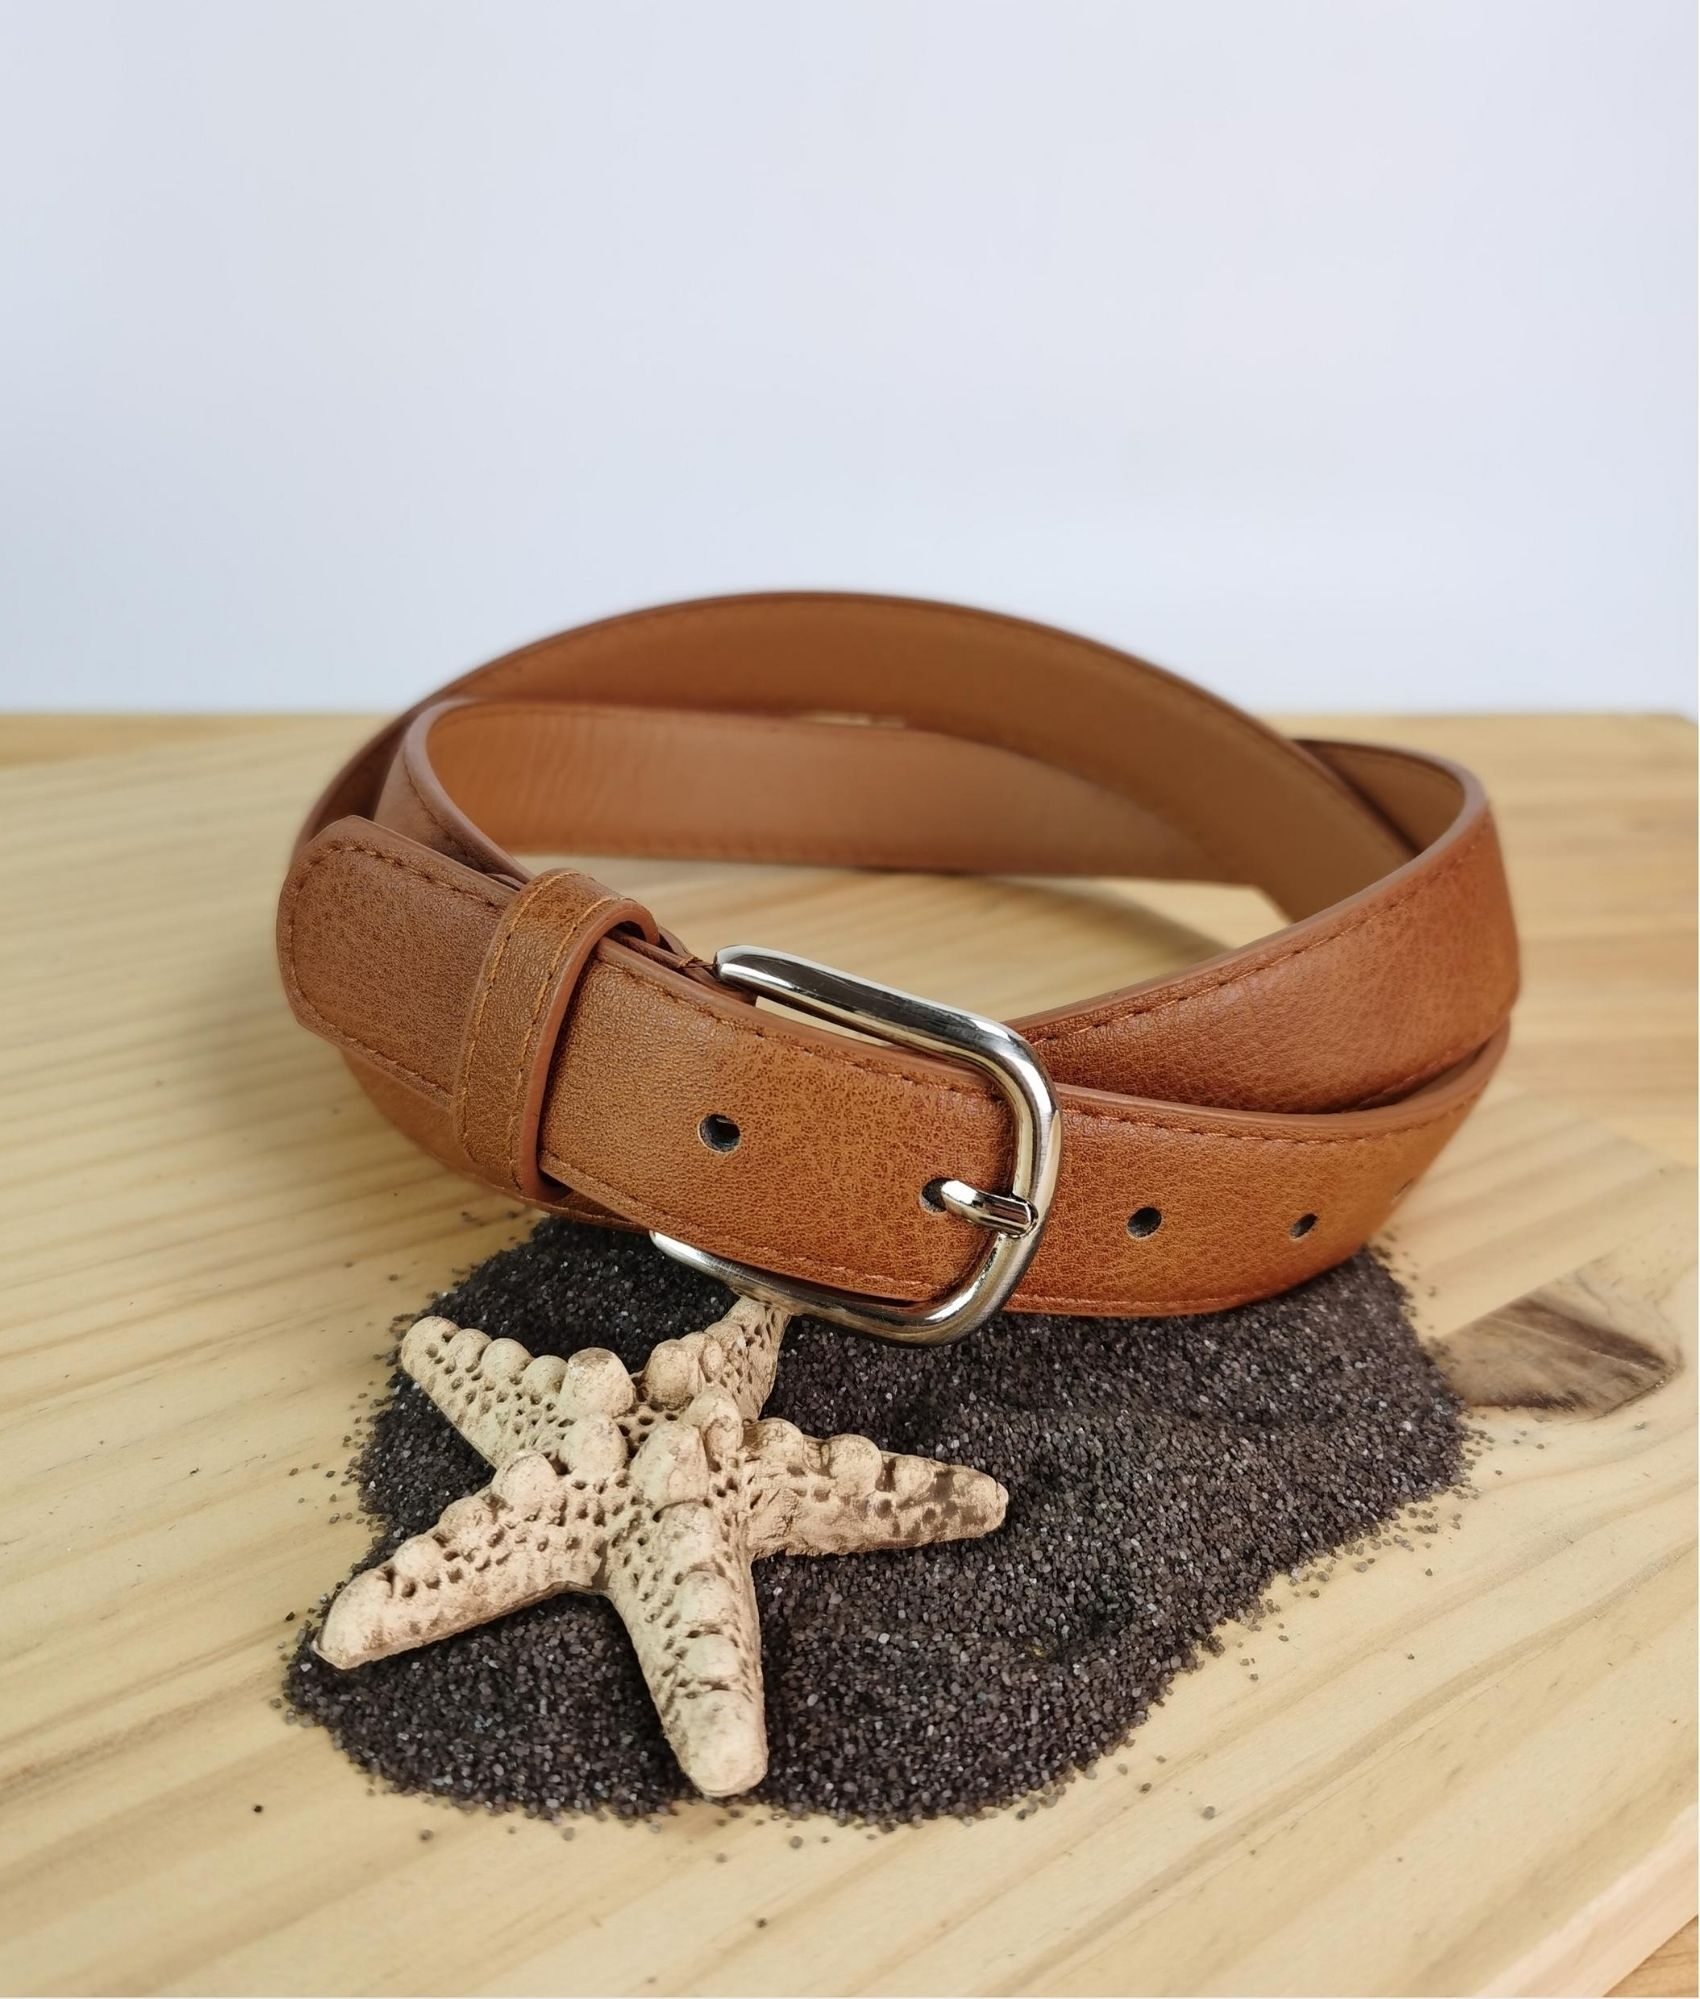 Cinturón Carola - kaky